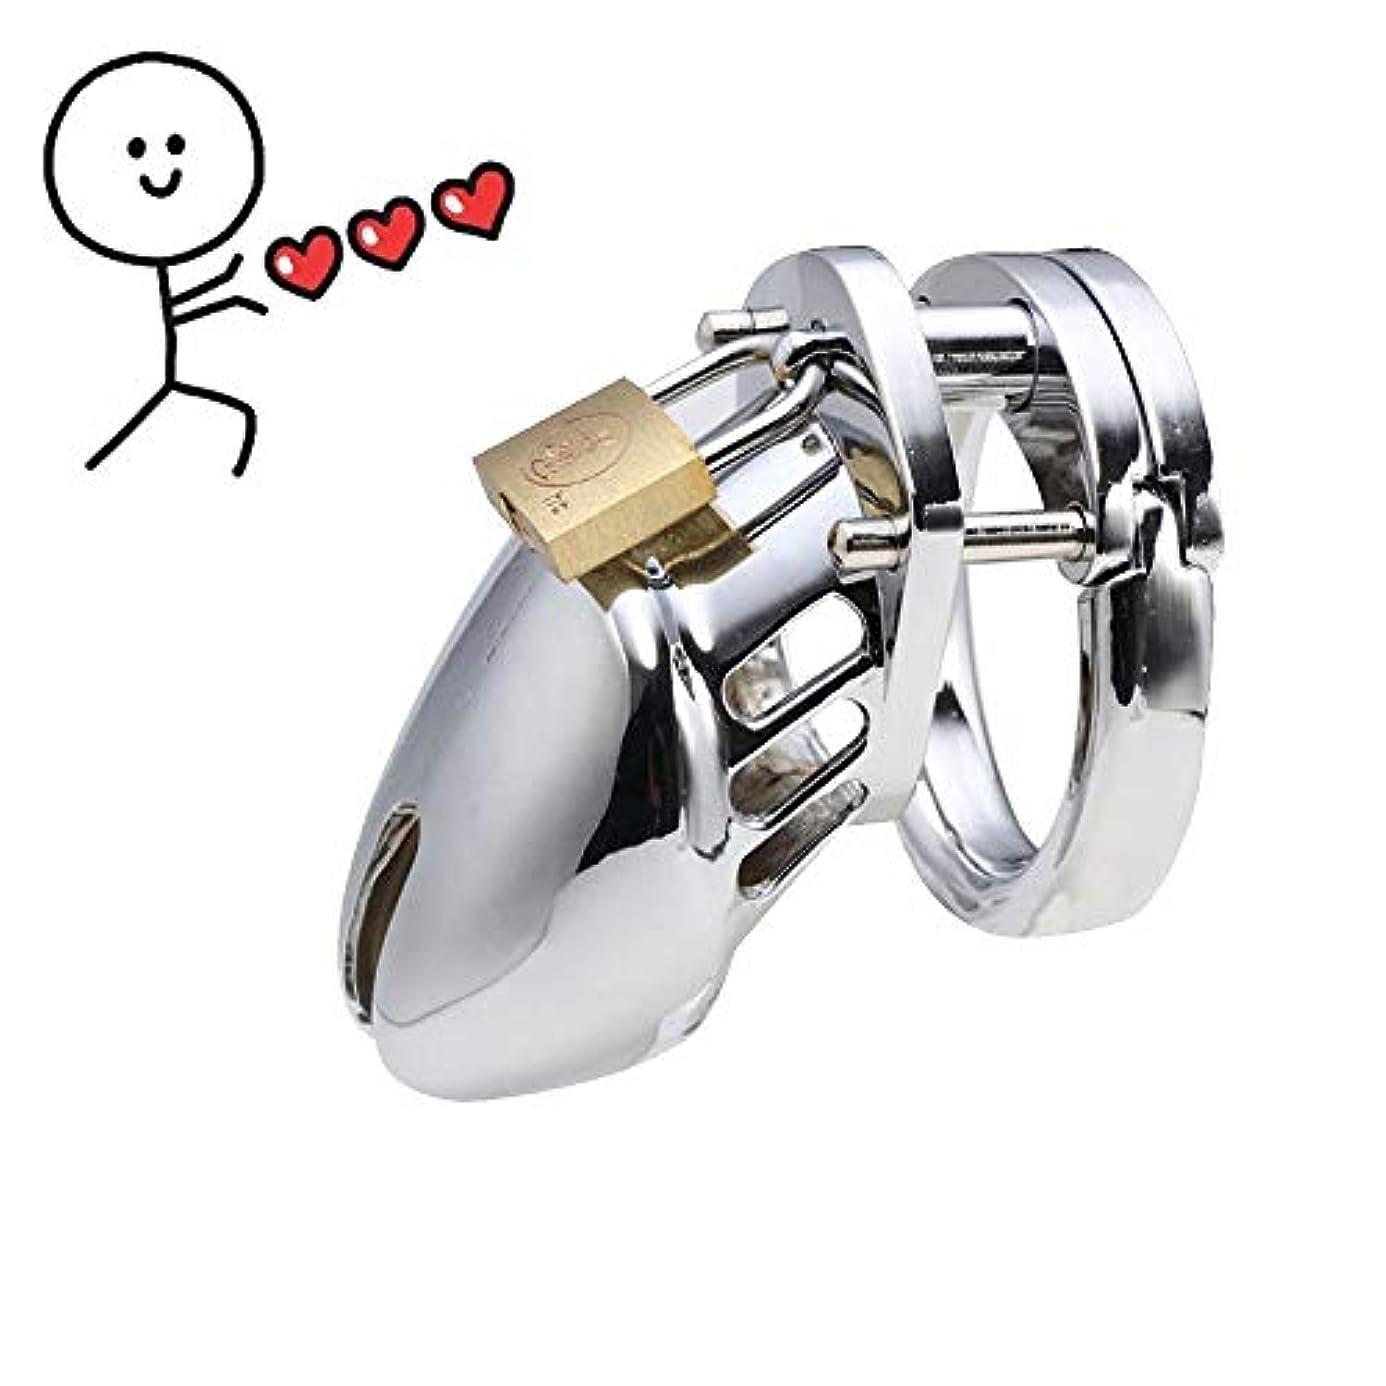 LANYHU Male Protective B?ň-d-a-gê W?Mên Device Stainless Steel D=S-M B-?-ň-dàgé Suitable for Men(40mm) spe5213558